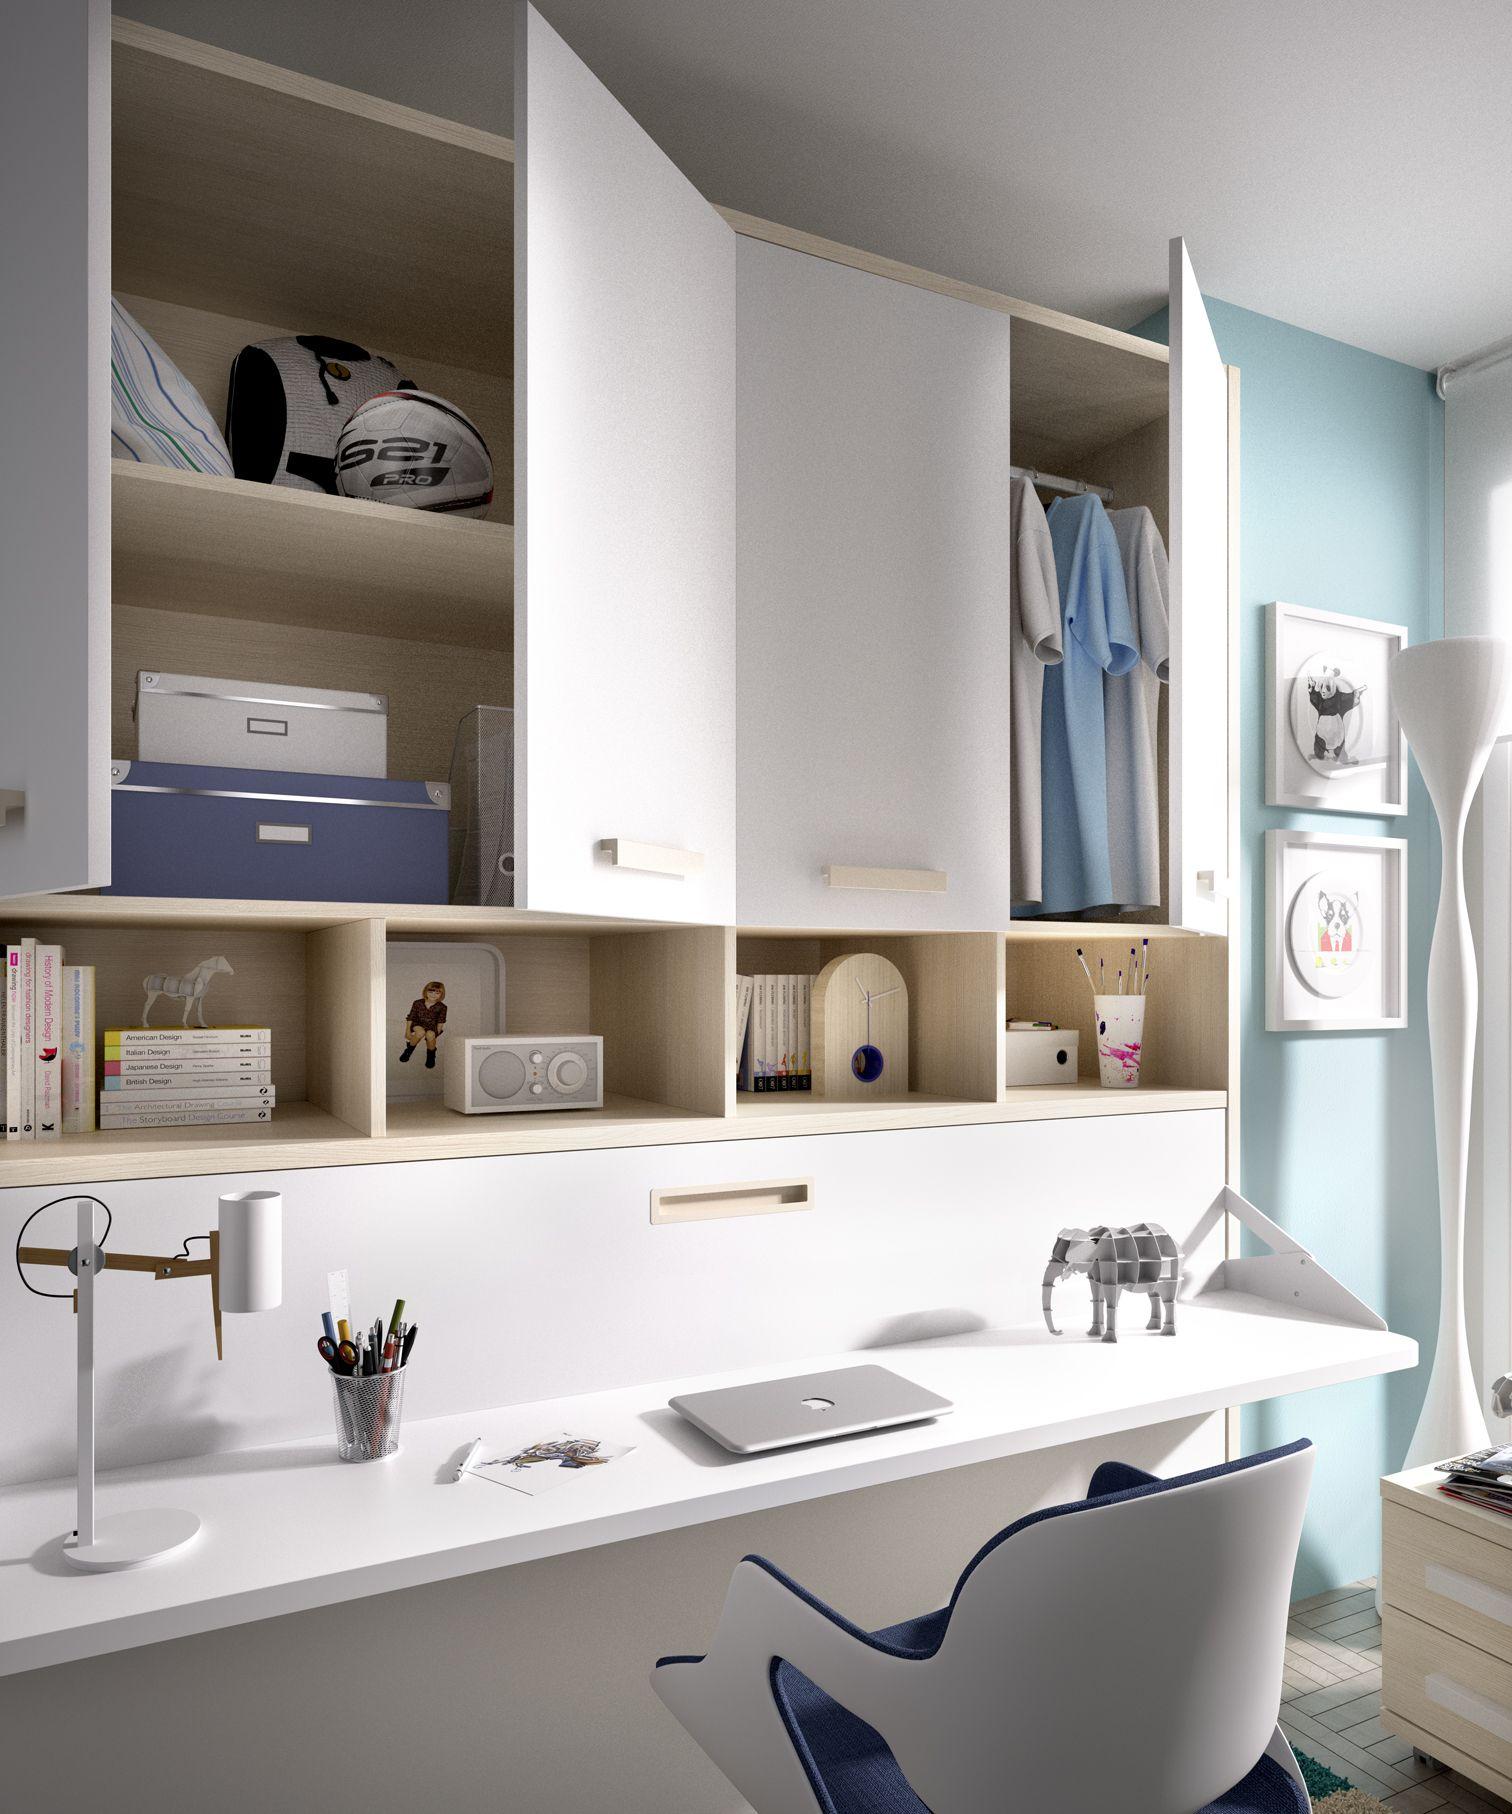 Cama Plegable Con Armarios Superiores Camas Para Dormitorios  # Muebles Poco Espacio